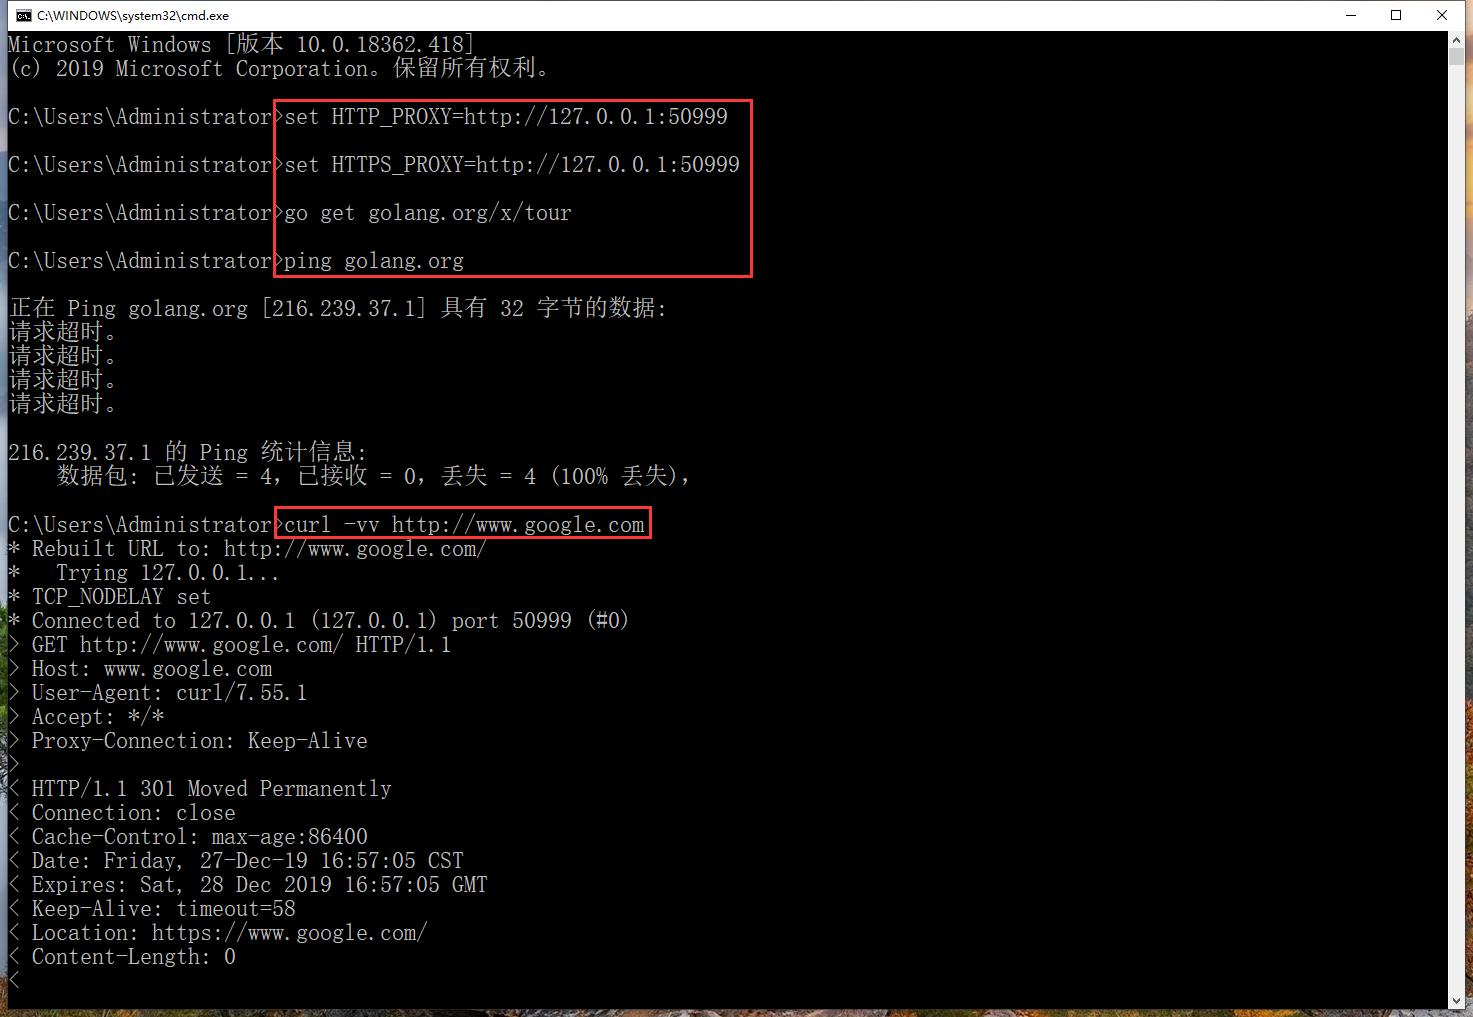 在 cmd 中设置两个环境变量 HTTP_PROXY 和 HTTPS_PROXY ,执行以下两个命令设置环境变量,完成配置,基于源代码安装 Go Tour,未报错,虽然仍然无法 Ping 通,但是可以通过 Curl 打开 www.google.com,表示 HTTP 代理已经设置成功